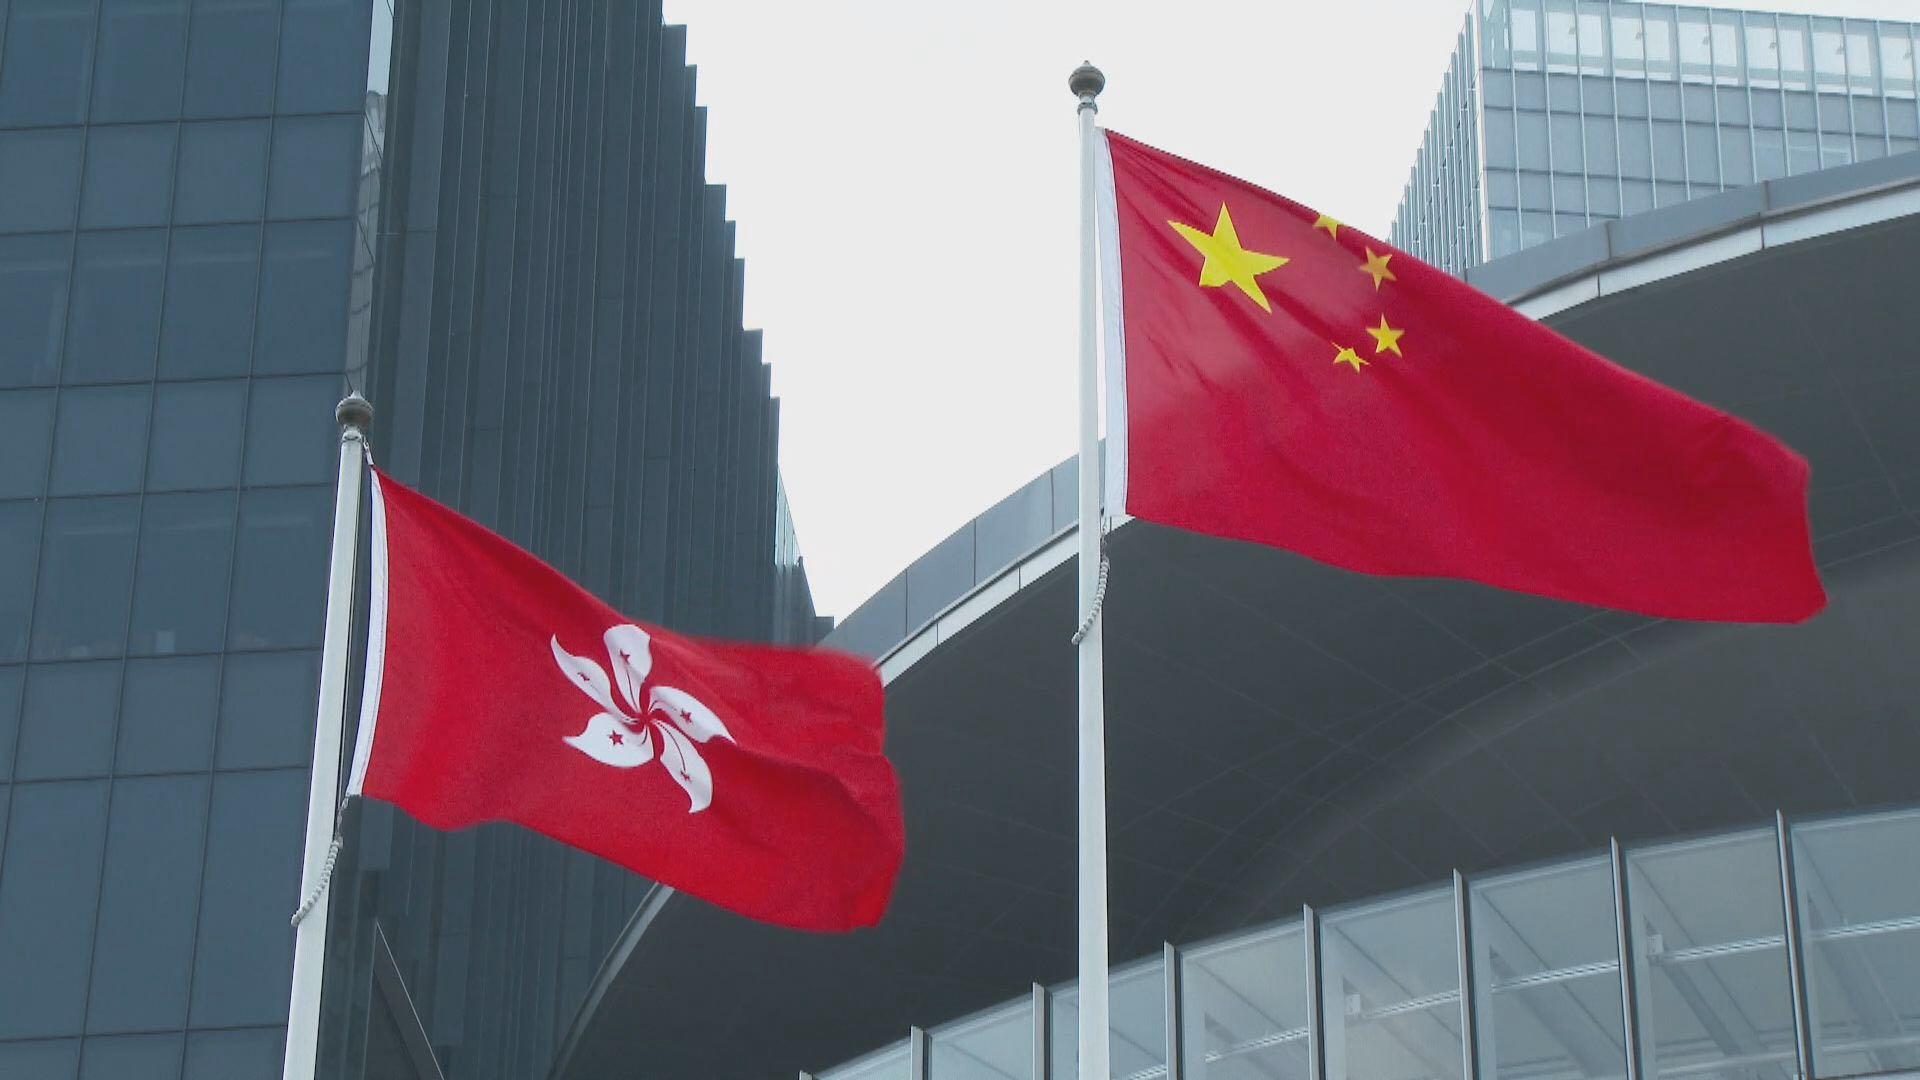 Former Hong Kong chief executive calls on Hong Kong people to say 'no' to 'black sheep'